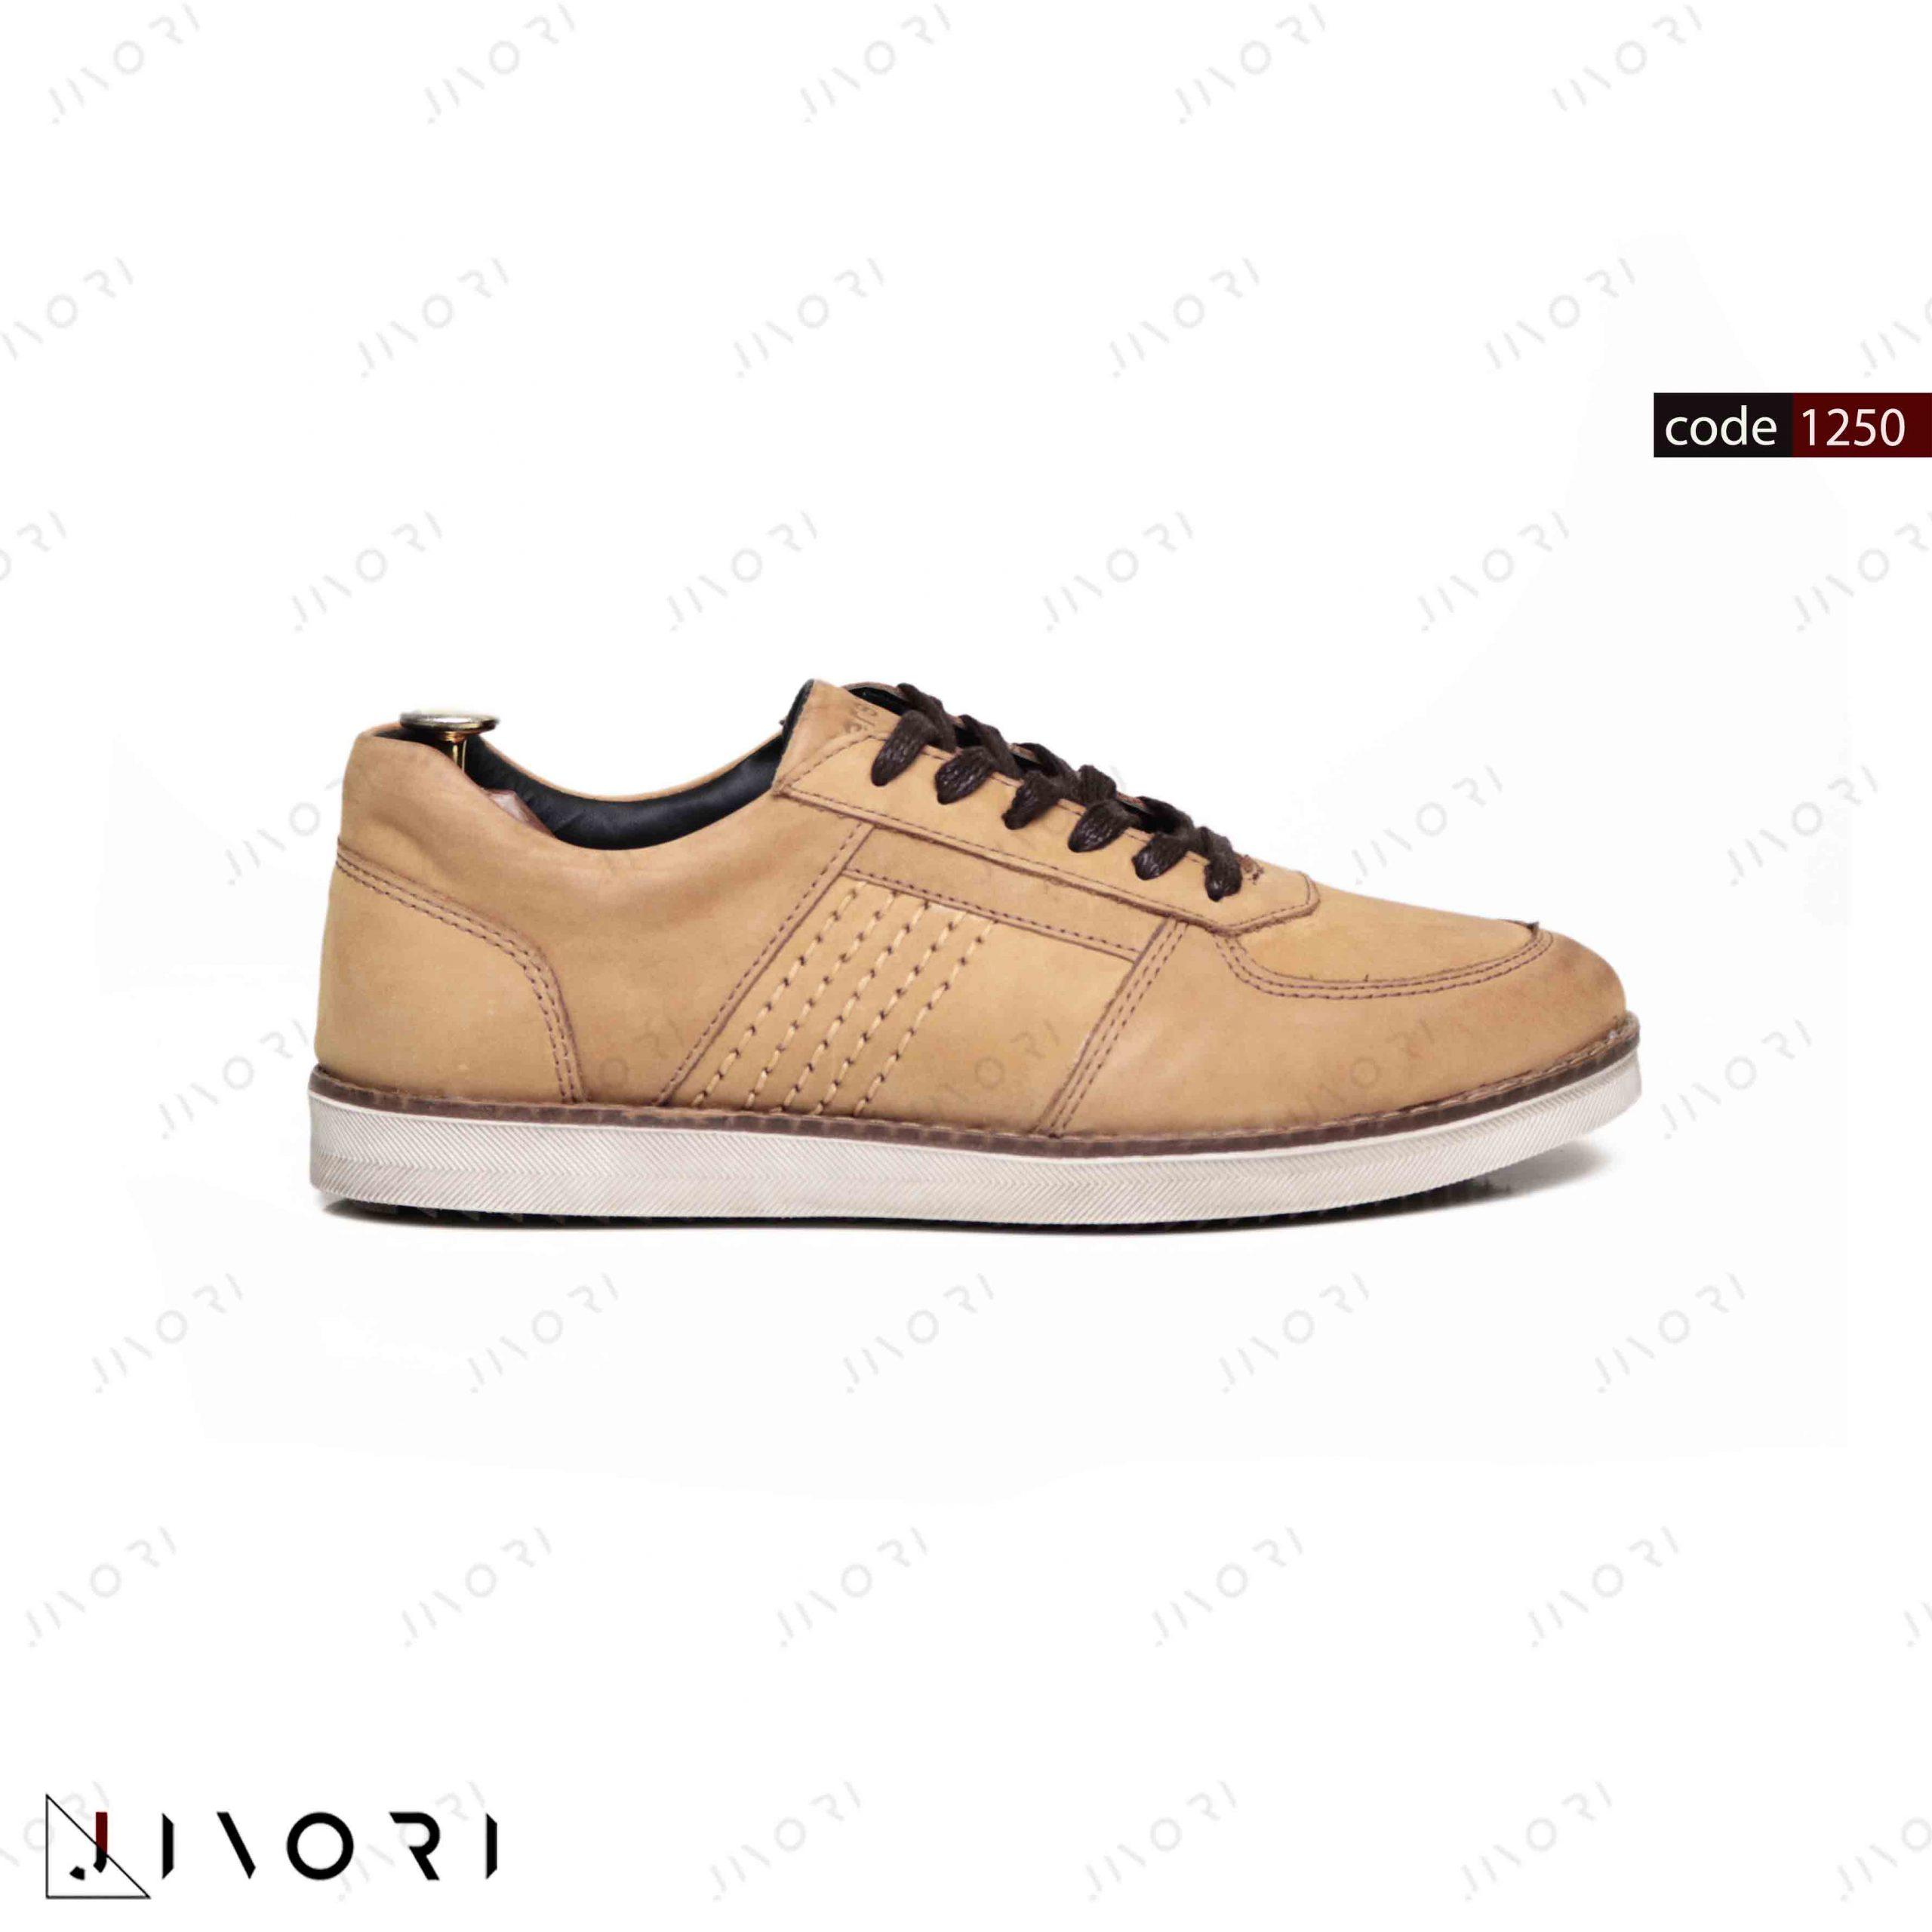 کفش کتانی چرم بلوکر (1250)